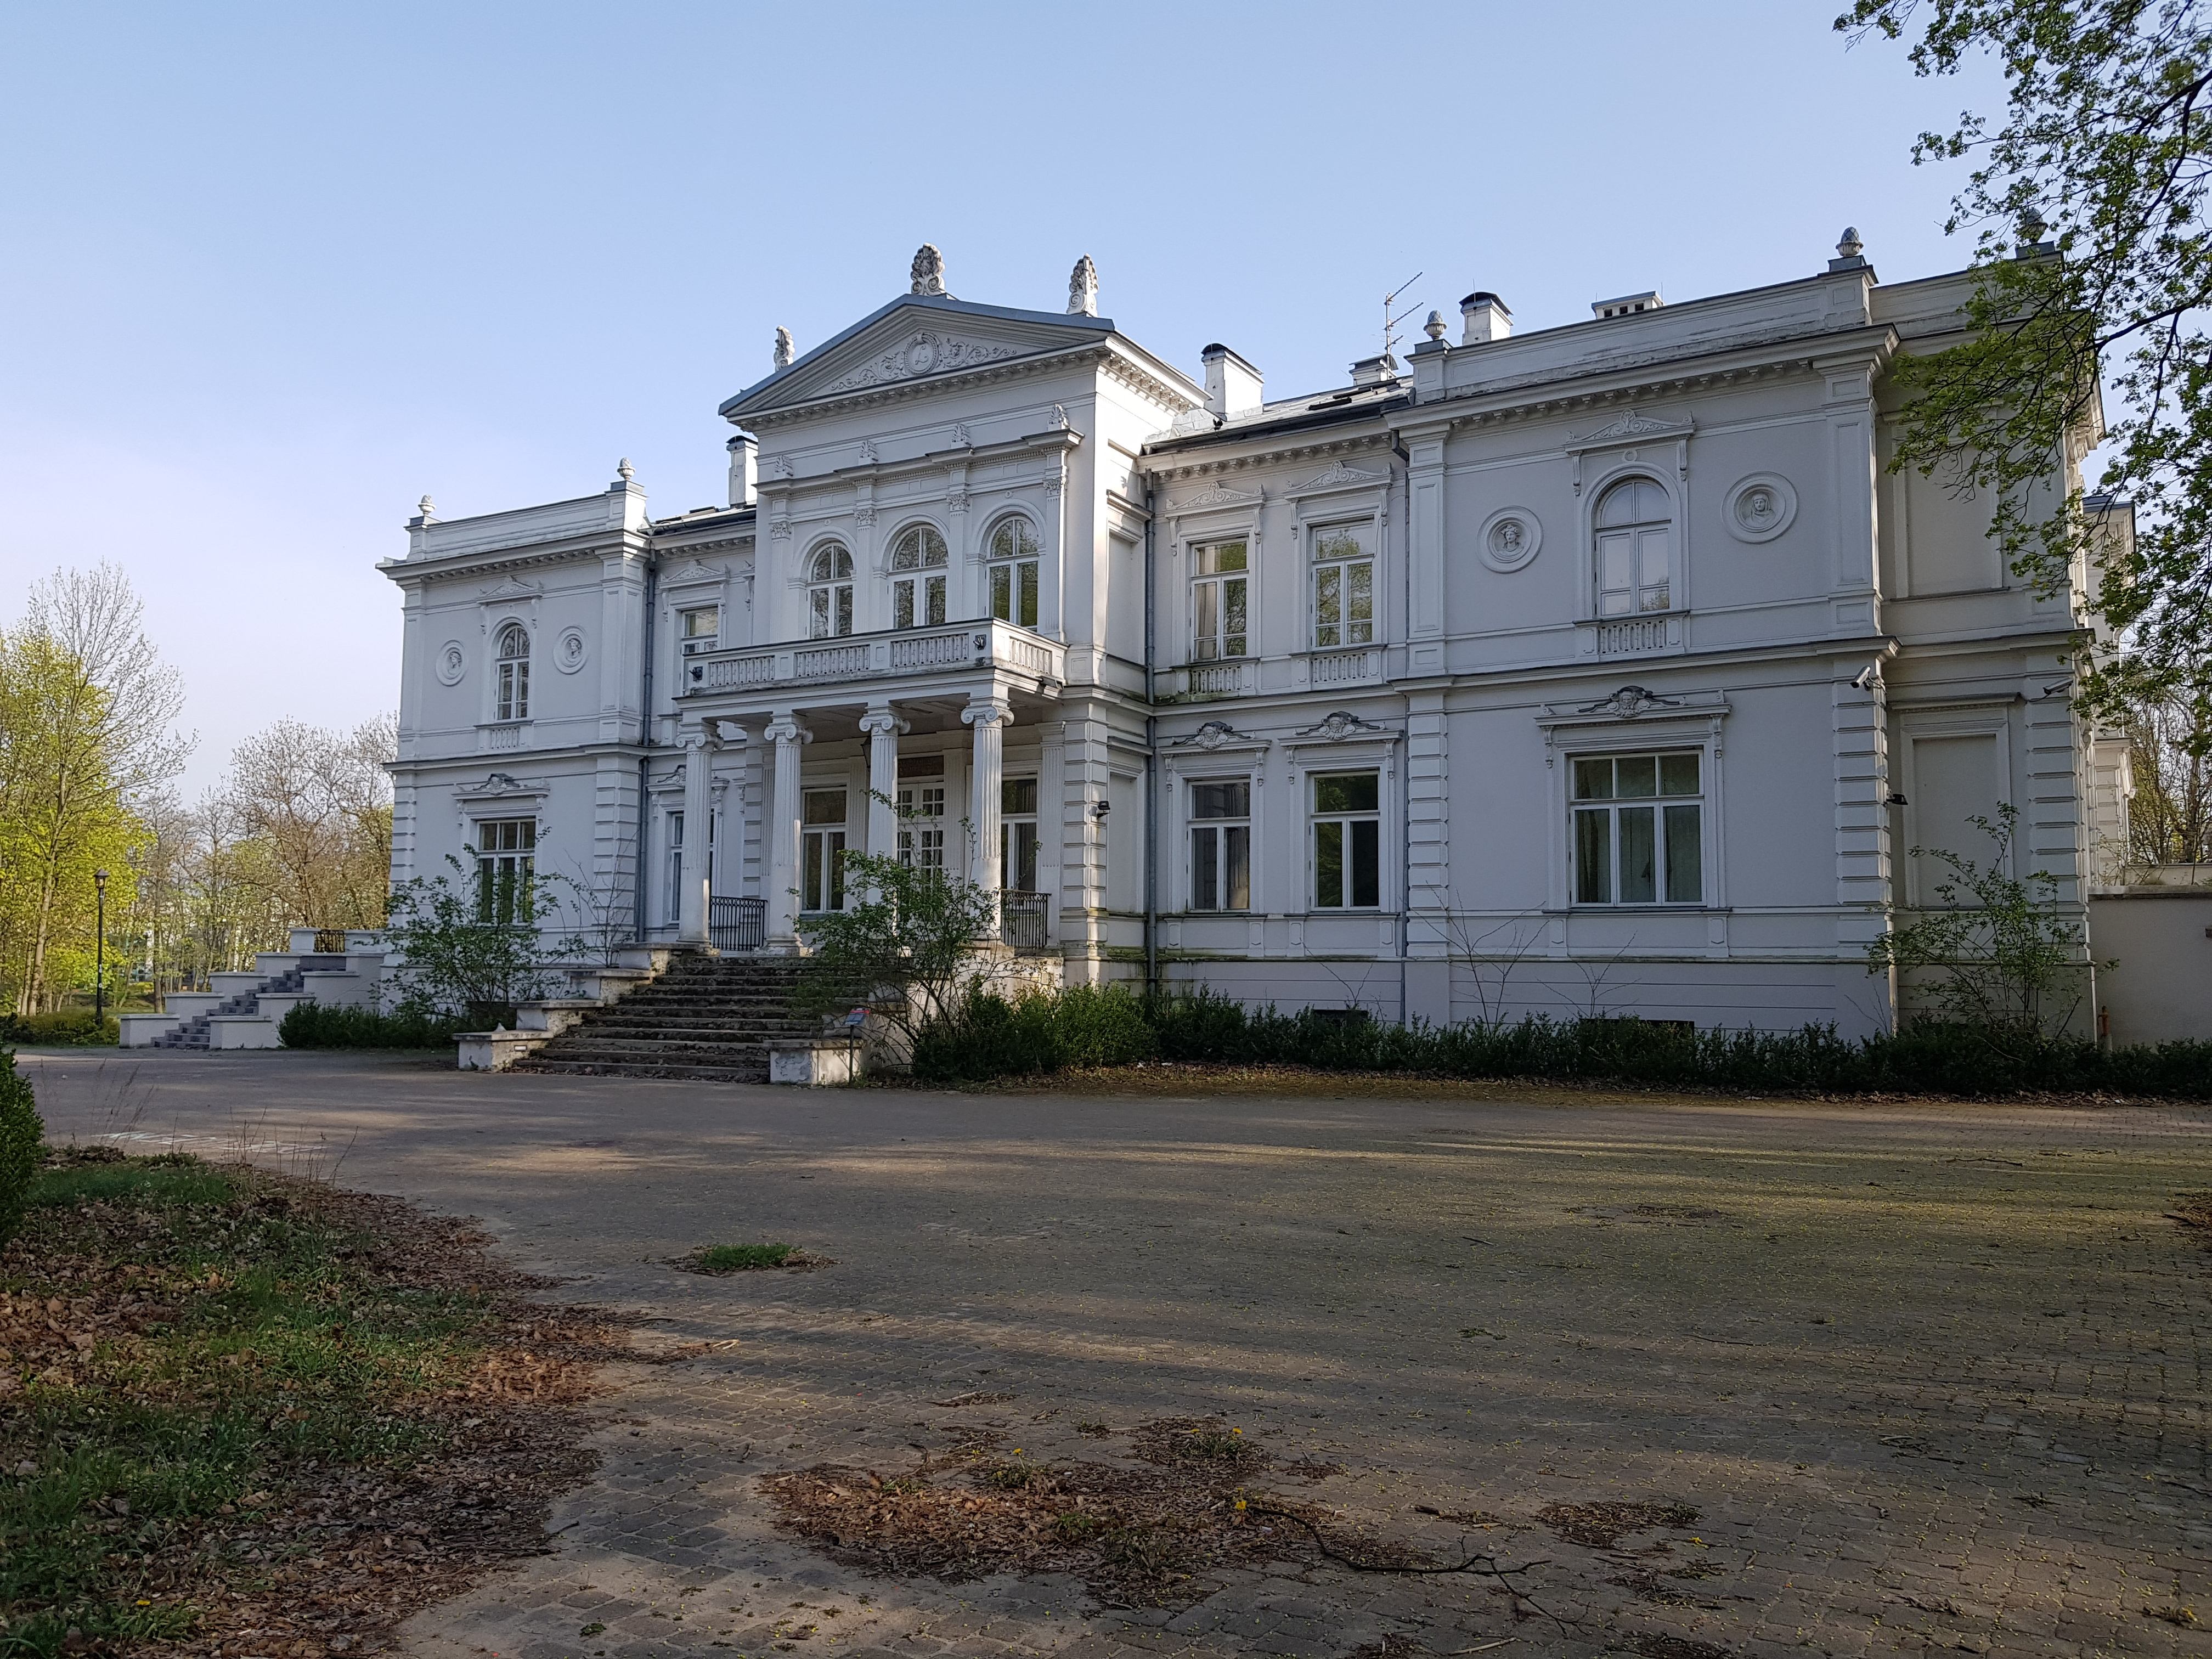 ארמון לובומירסקי